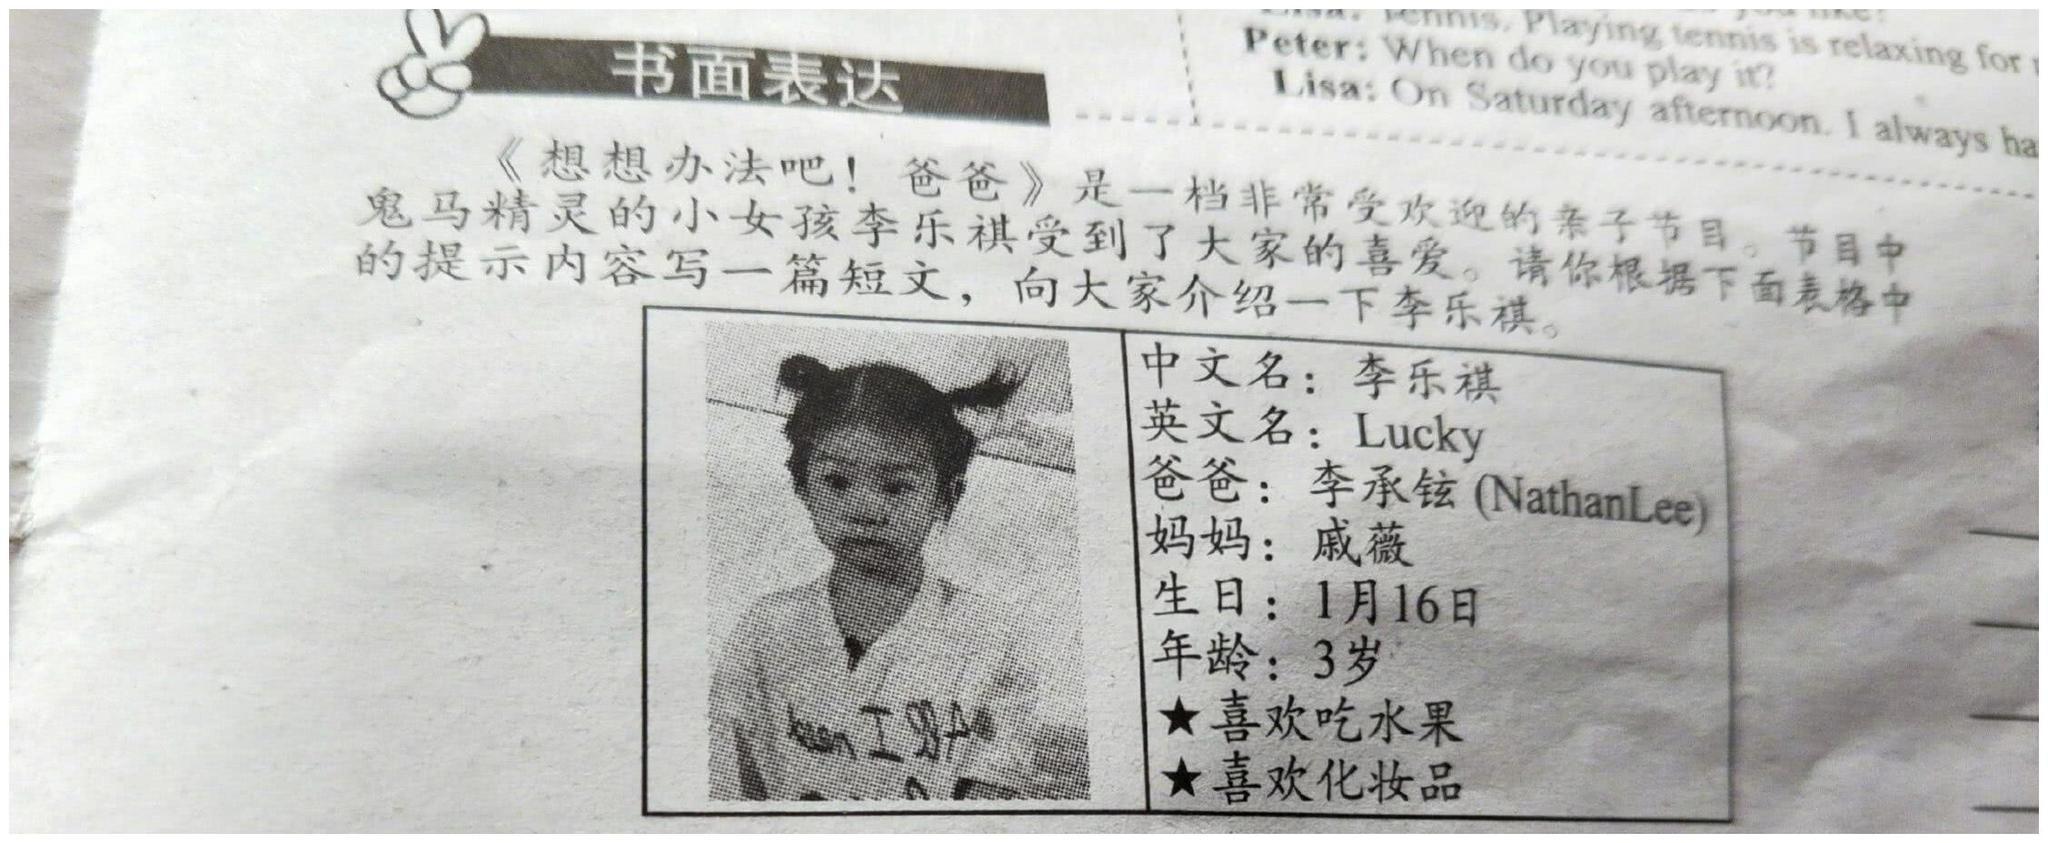 4岁lucky写进寒假作业里,电话中要戚薇送礼物,被萌化了